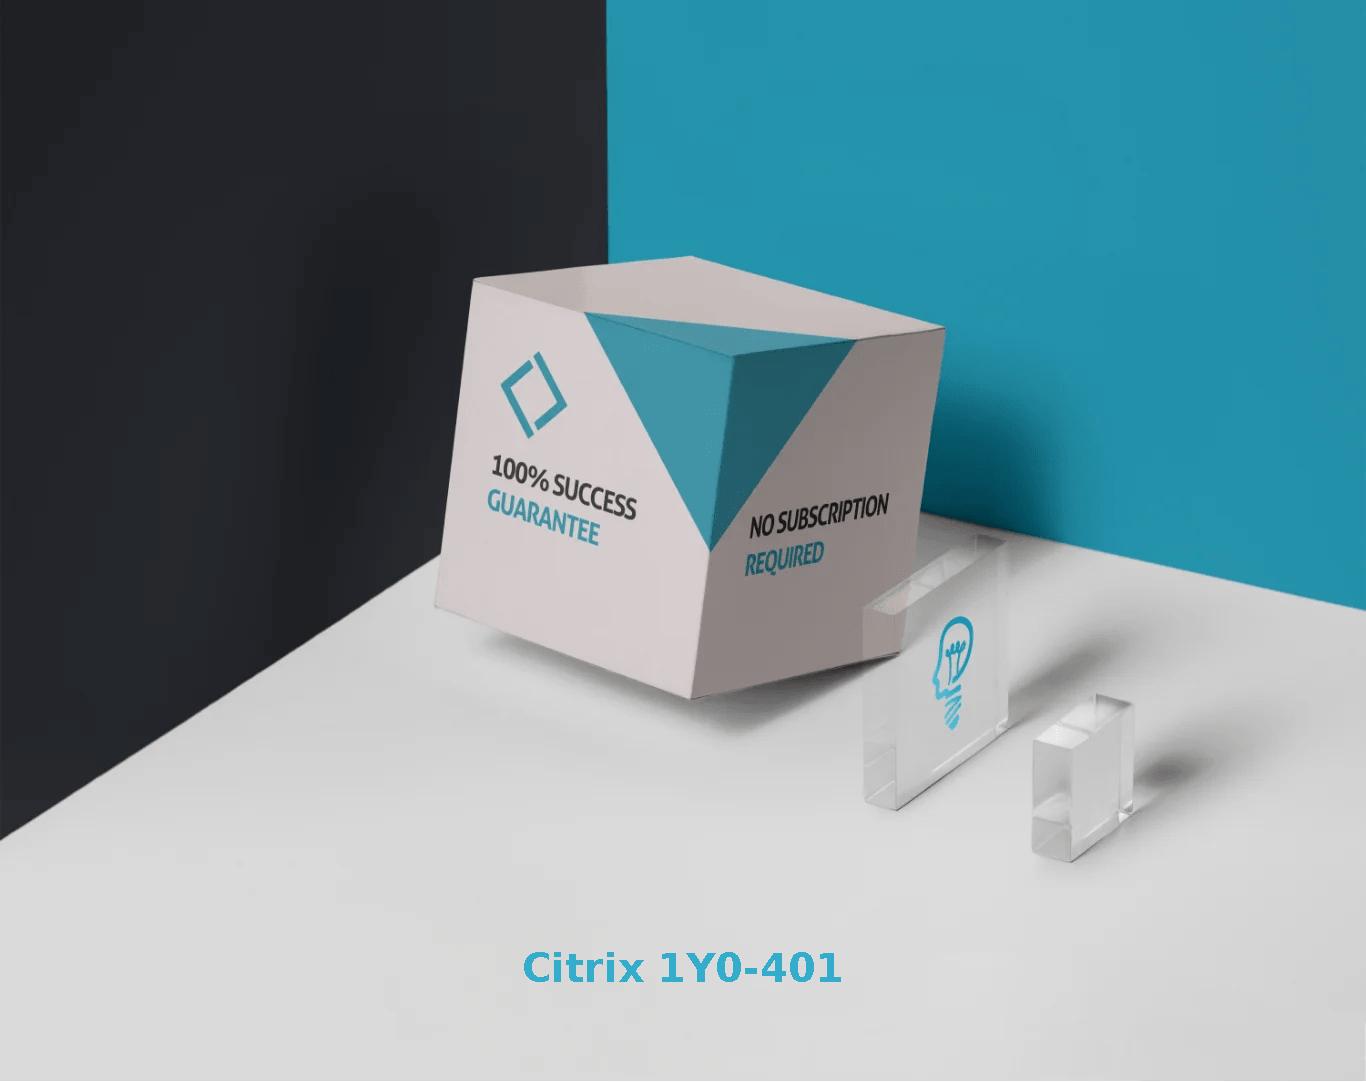 Citrix 1Y0-401 Exams